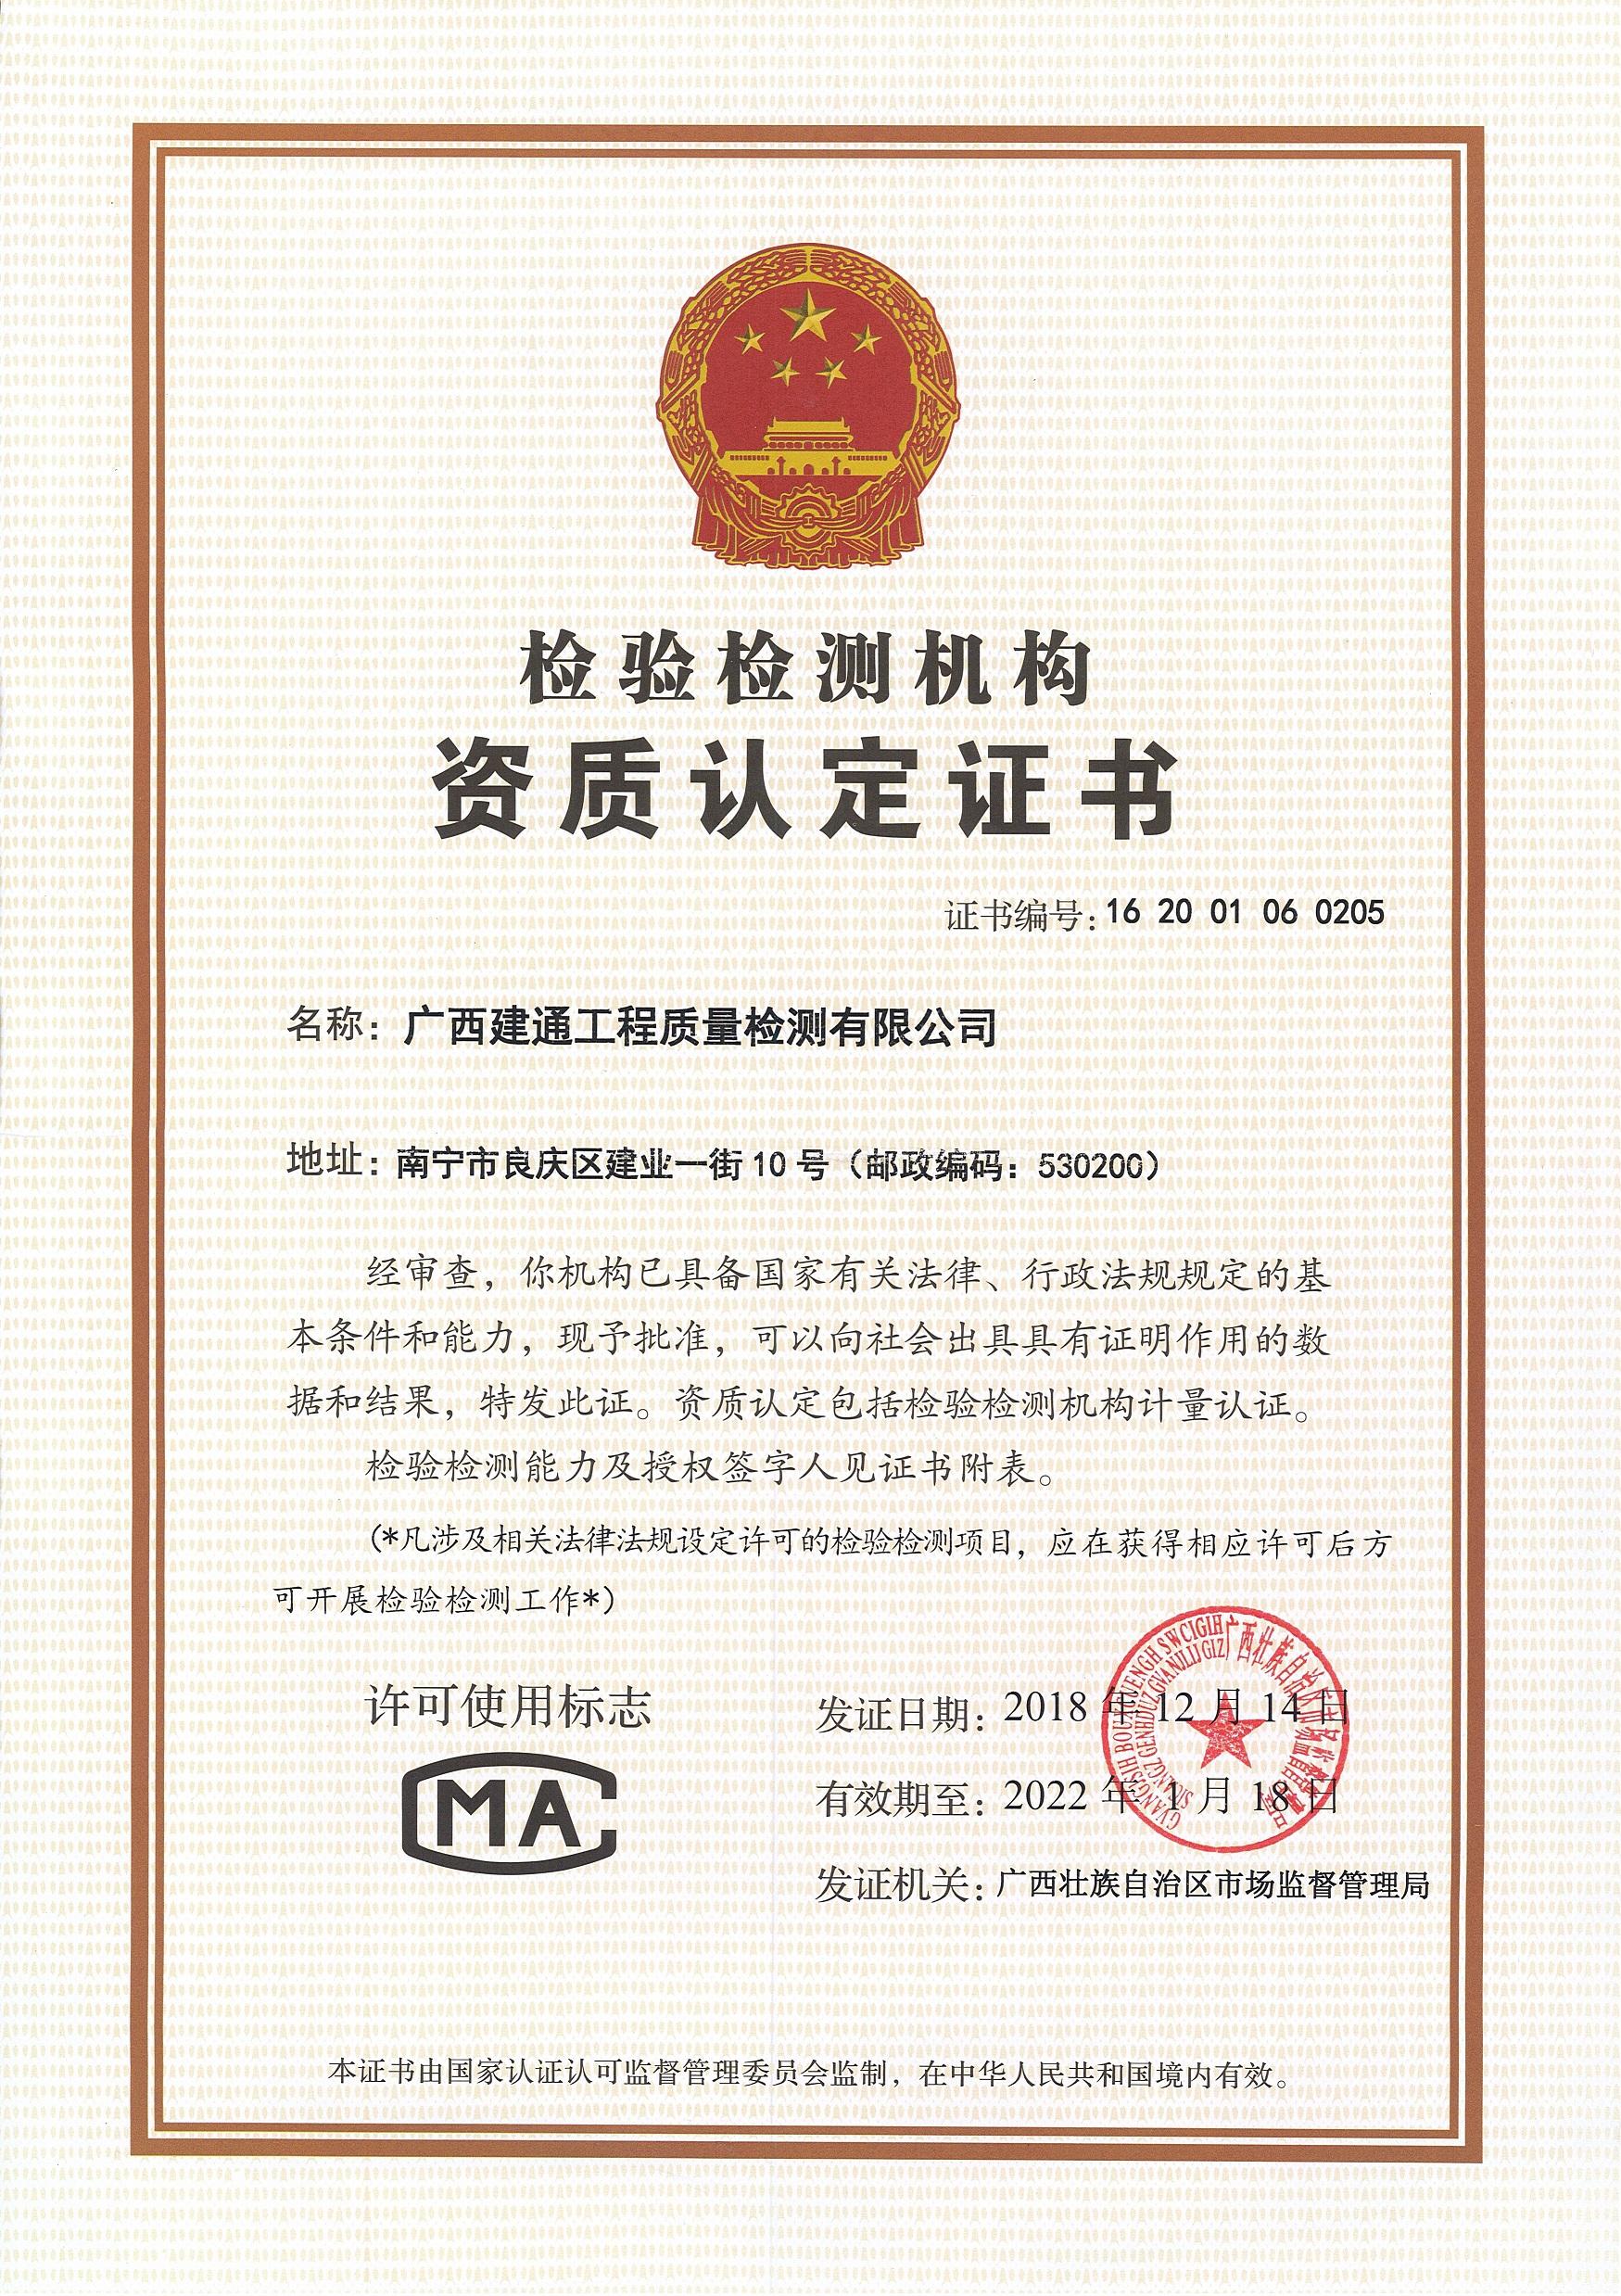 技术监督局资质认定证书.jpg